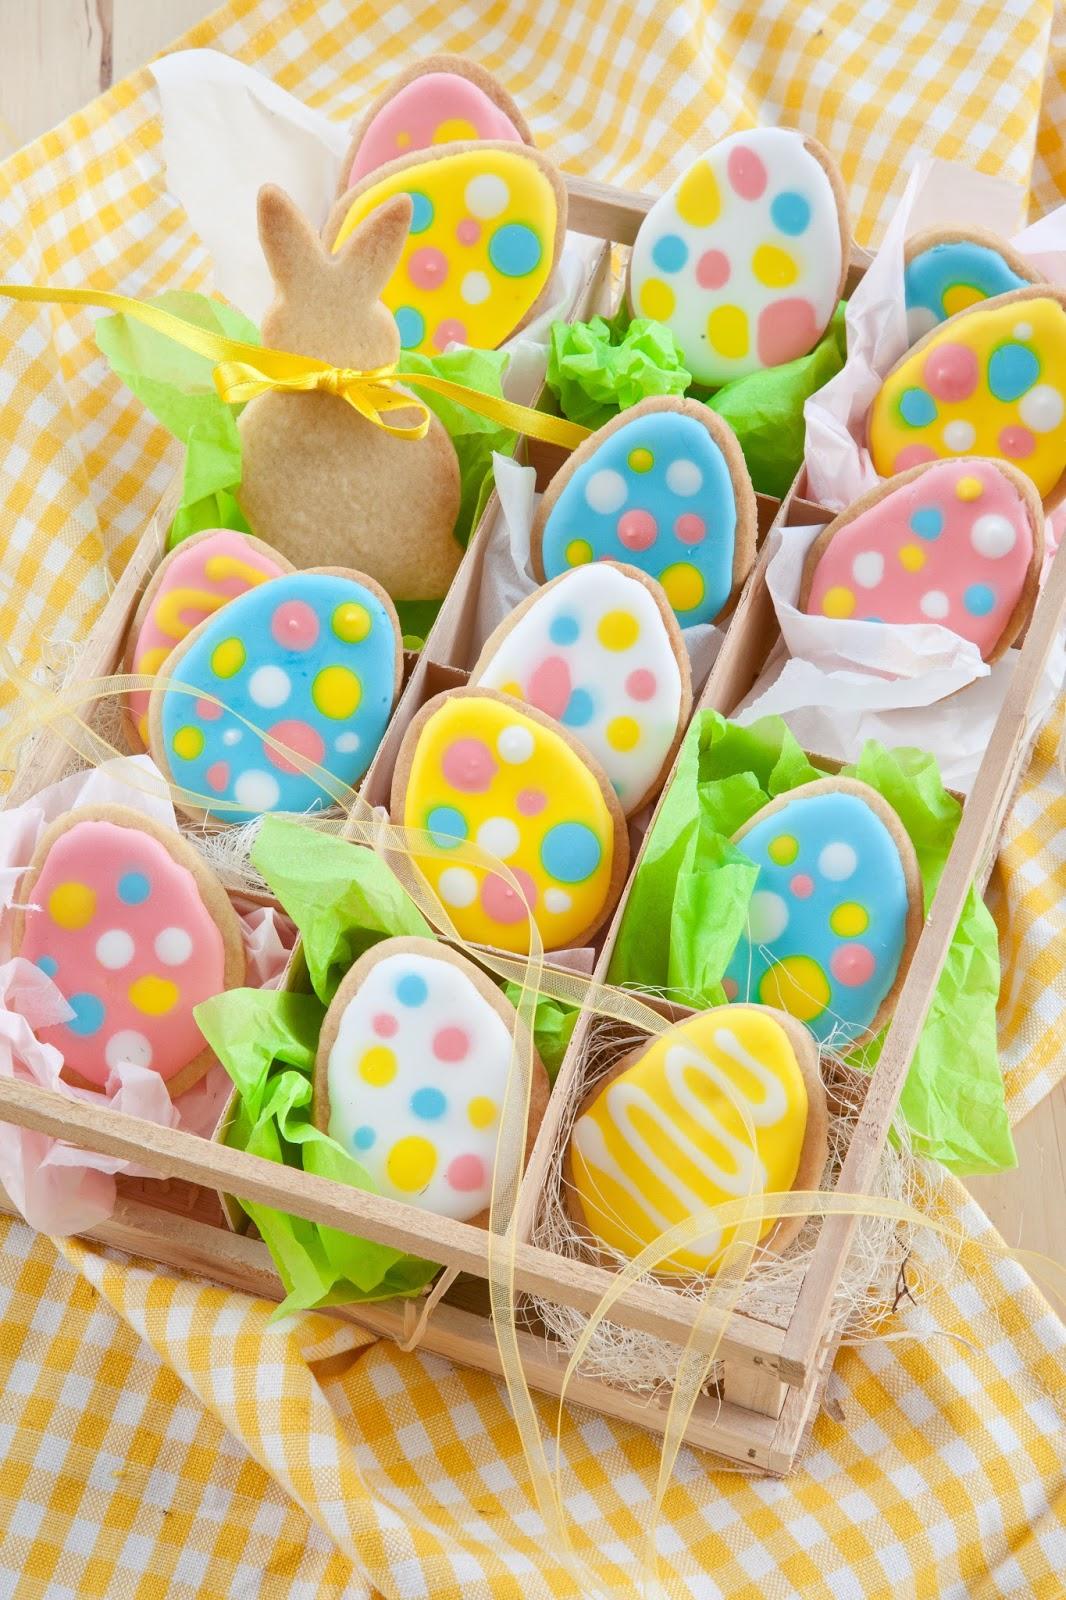 Favoritos 5 ideias de doces para vender na Páscoa - Amando Cozinhar  JT93